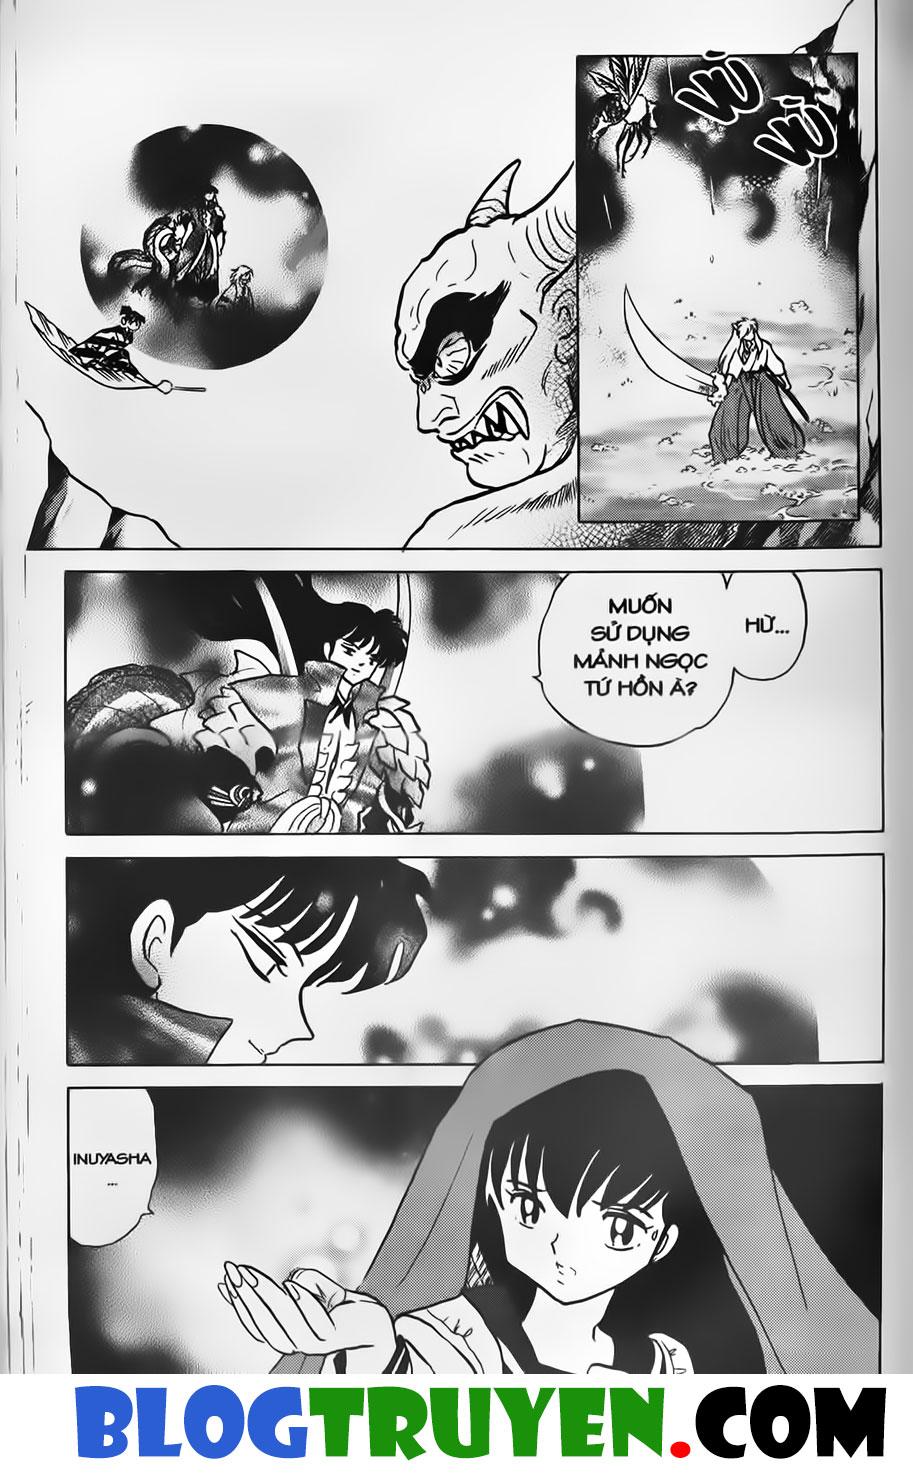 Inuyasha vol 36.7 trang 6